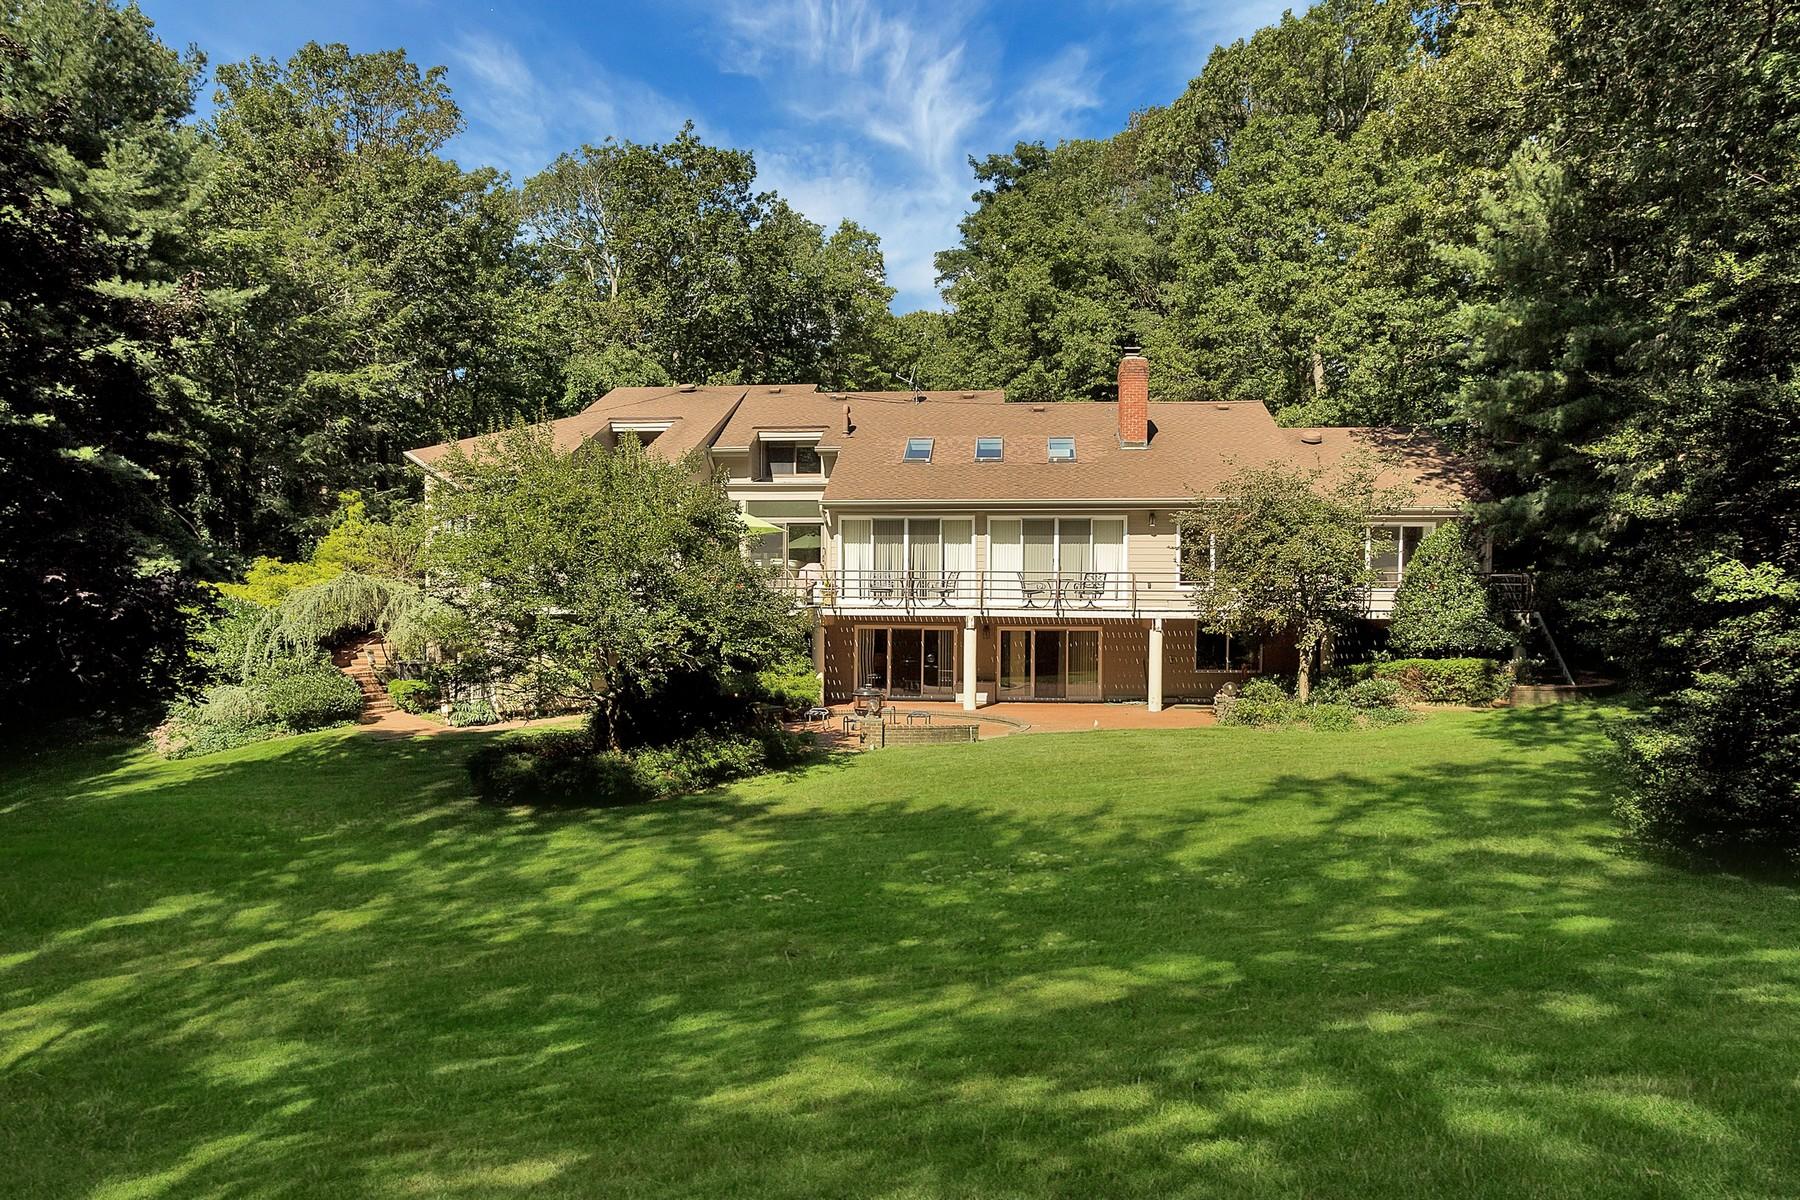 واحد منزل الأسرة للـ Sale في 28 Timber Ridge Dr , Laurel Hollow, NY 11771 28 Timber Ridge Dr, Laurel Hollow, New York, 11771 United States